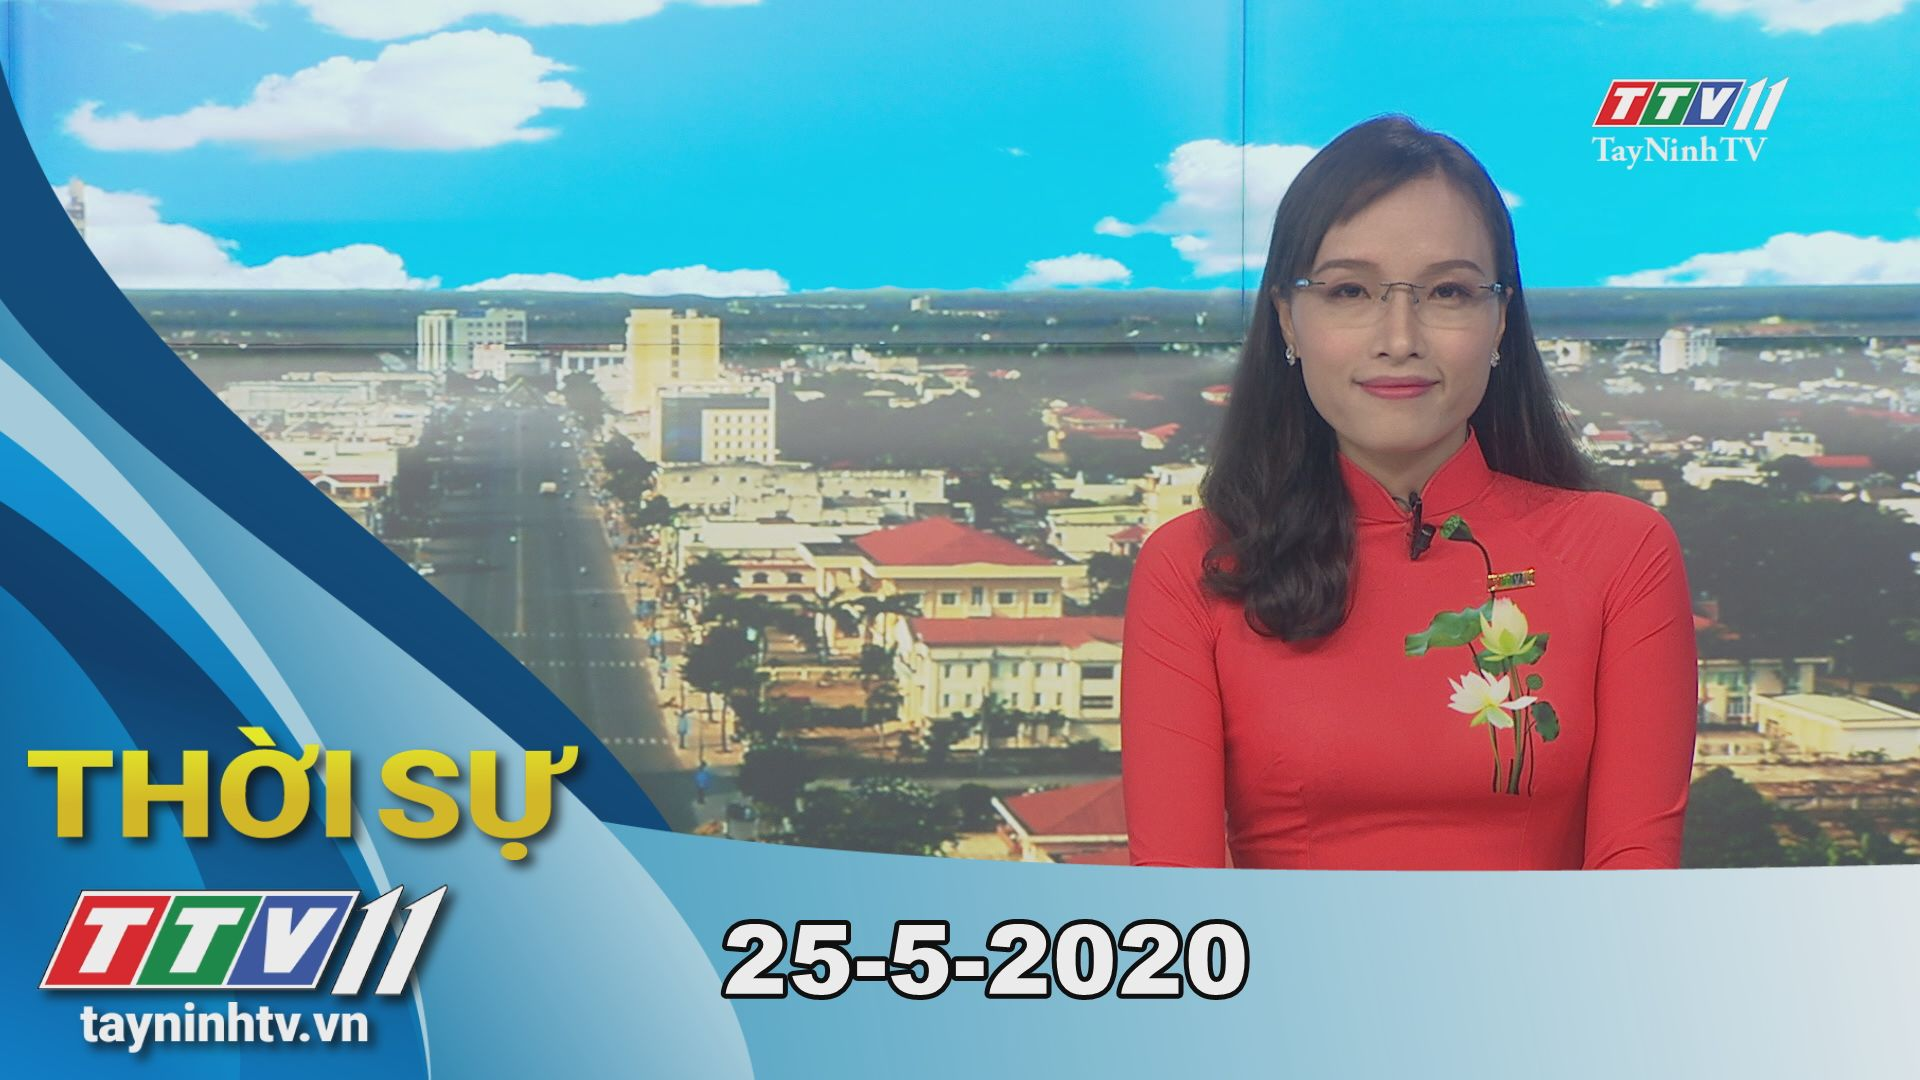 Thời sự Tây Ninh 25-5-2020 | Tin tức hôm nay | TayNinhTV